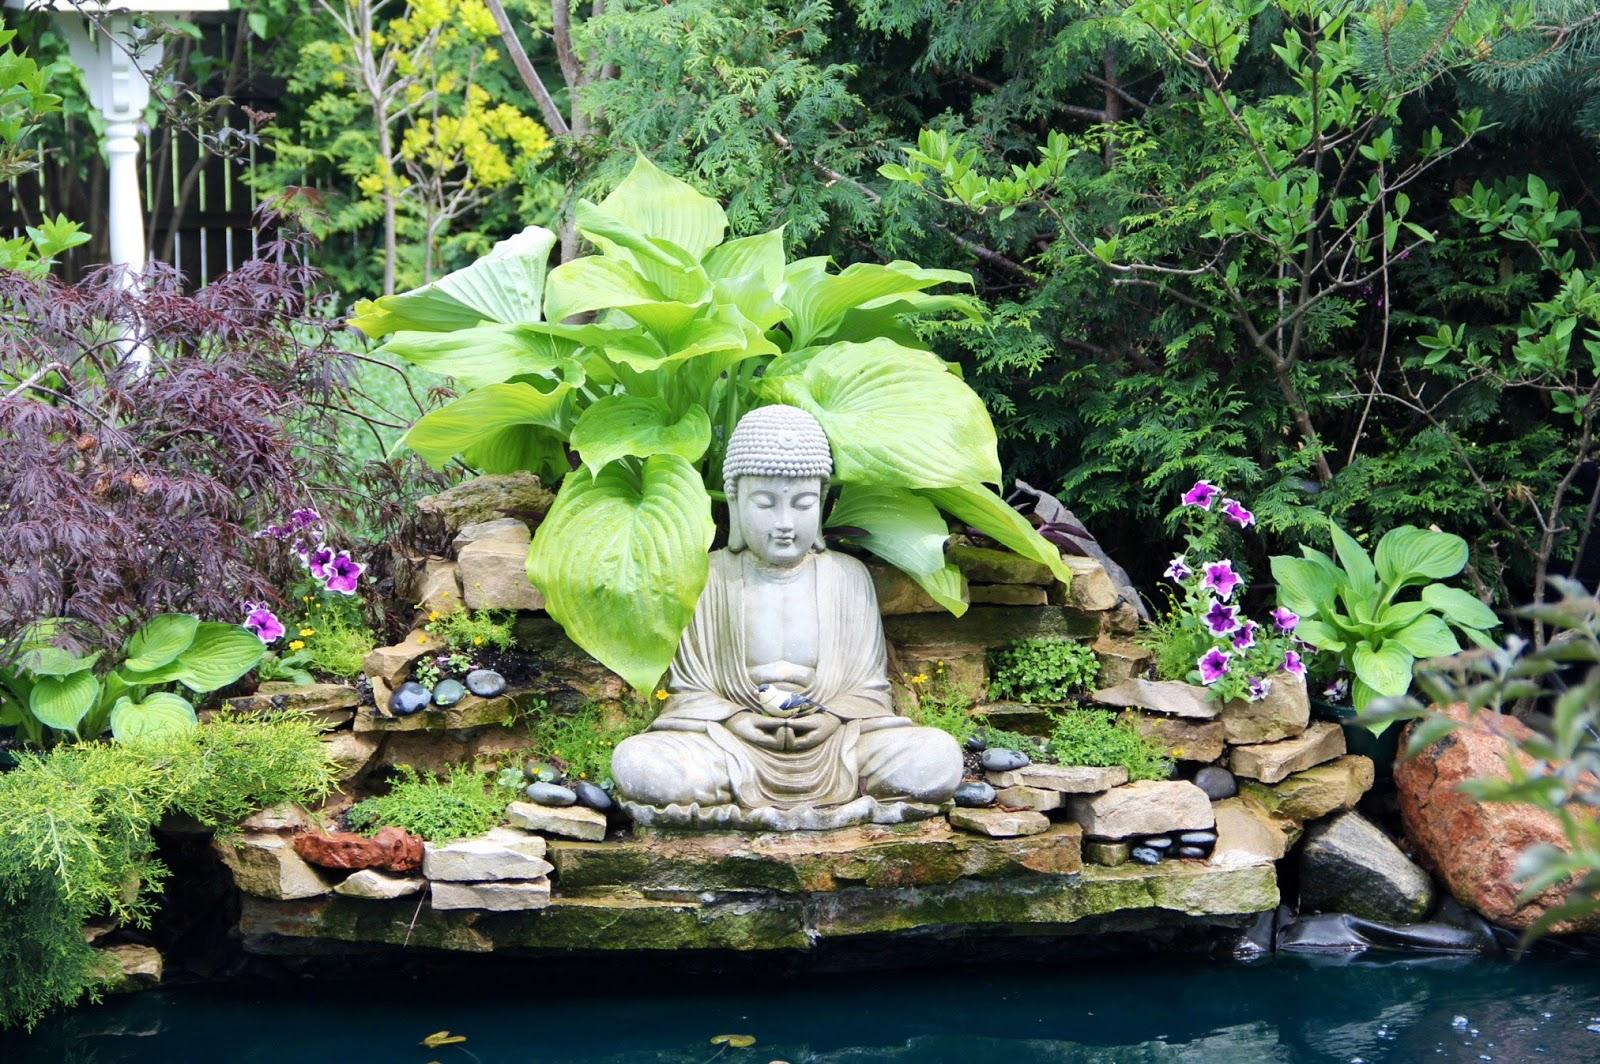 Nghệ thuật trang trí nội thất với tượng Phật